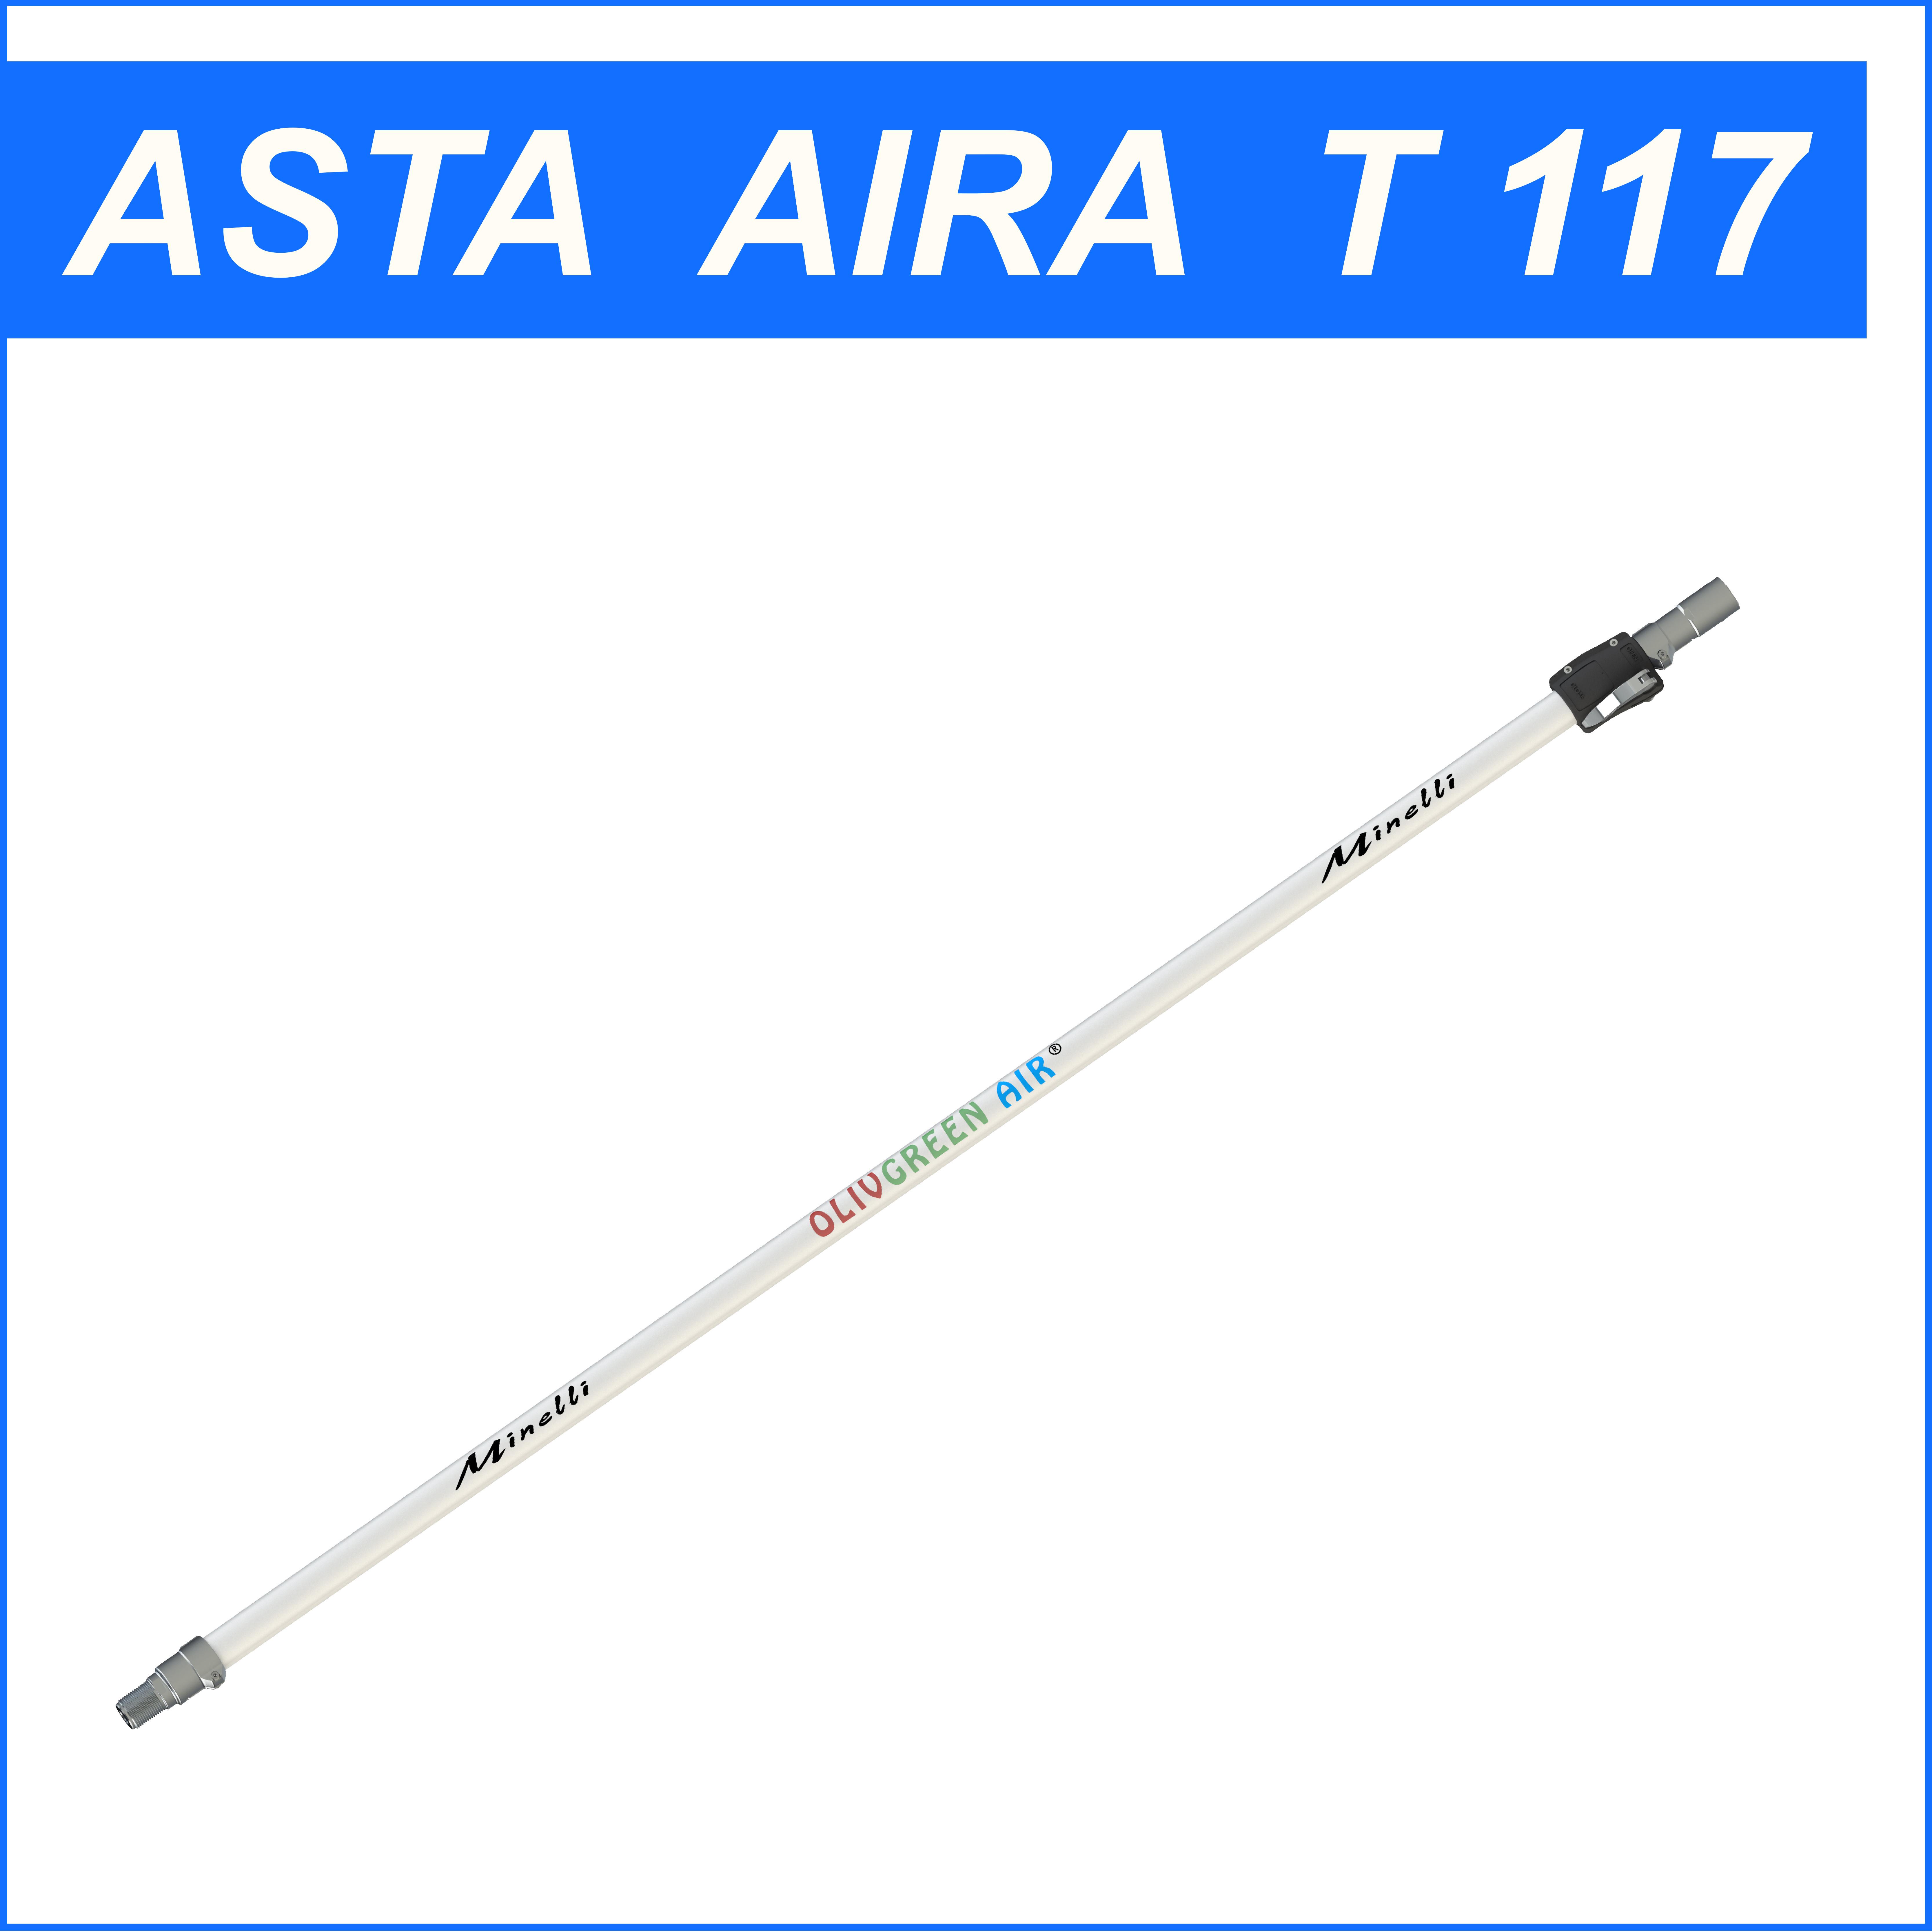 """Asta telescopica Minelli """"AIRA T 117"""""""